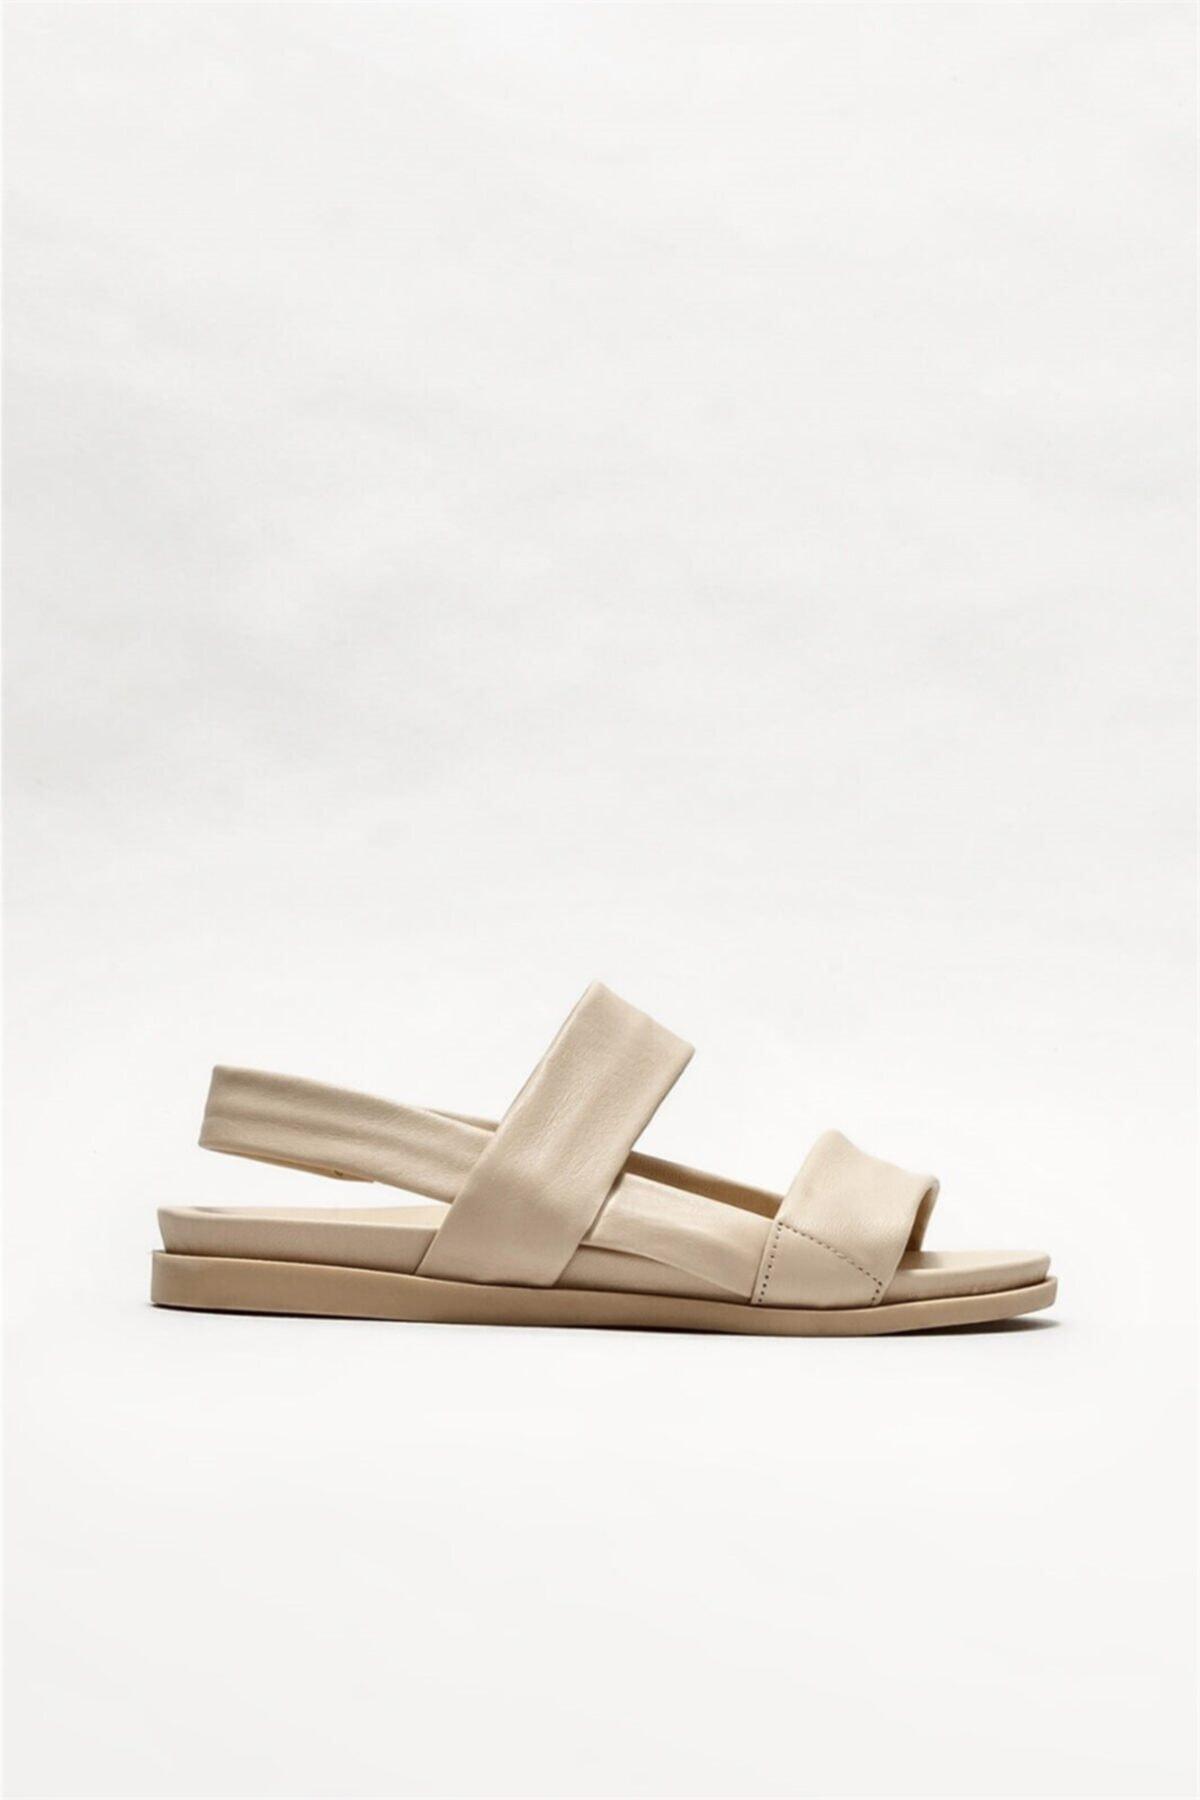 Kadın Bej Deri  Düz Sandalet